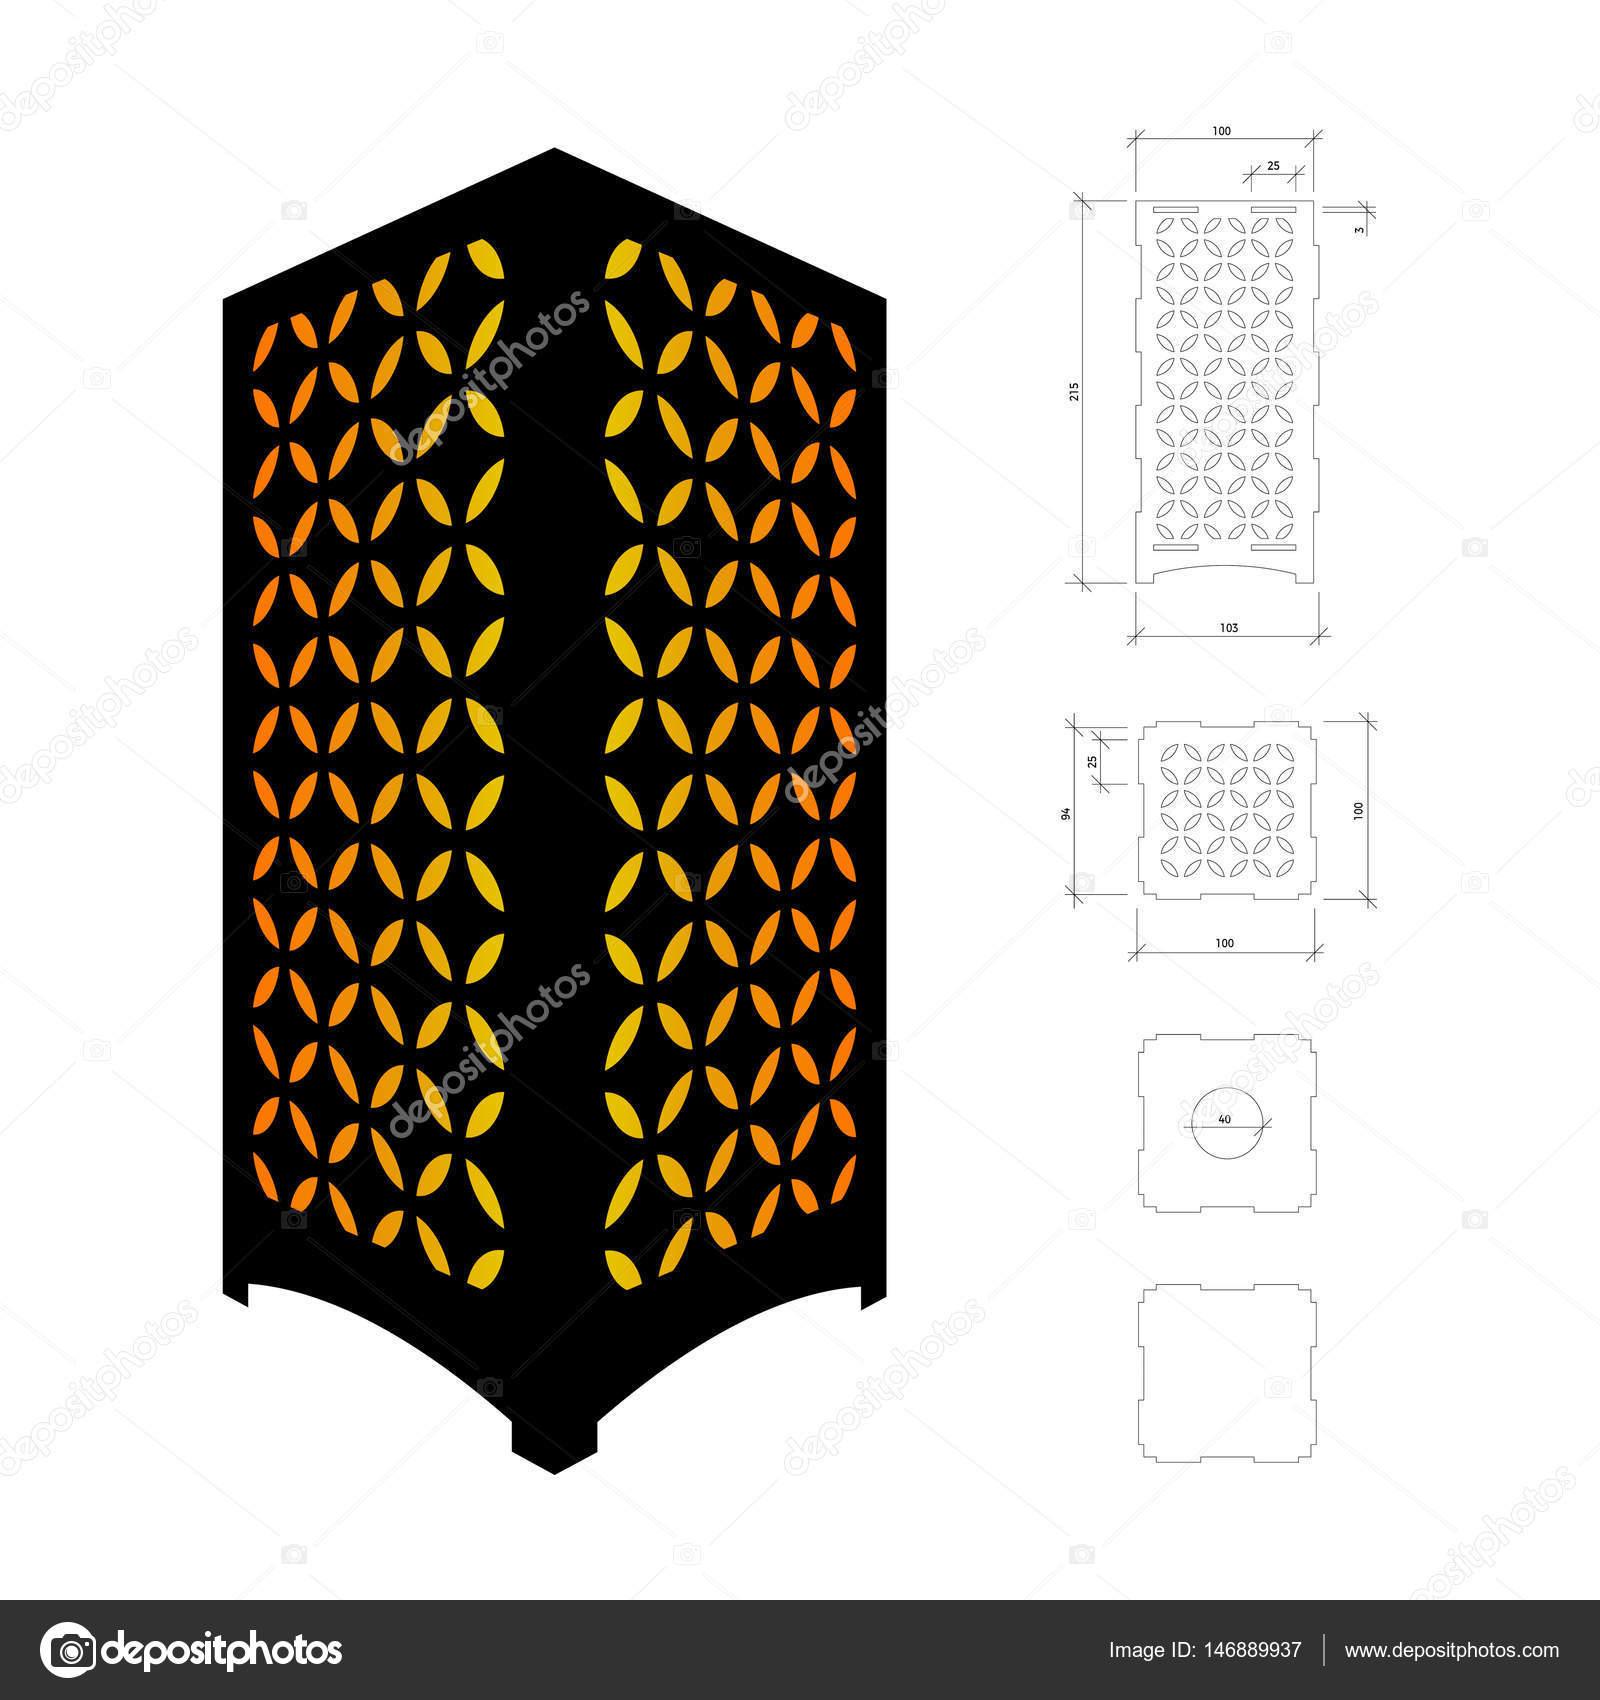 Recorte de plantilla para lámpara — Archivo Imágenes Vectoriales ...